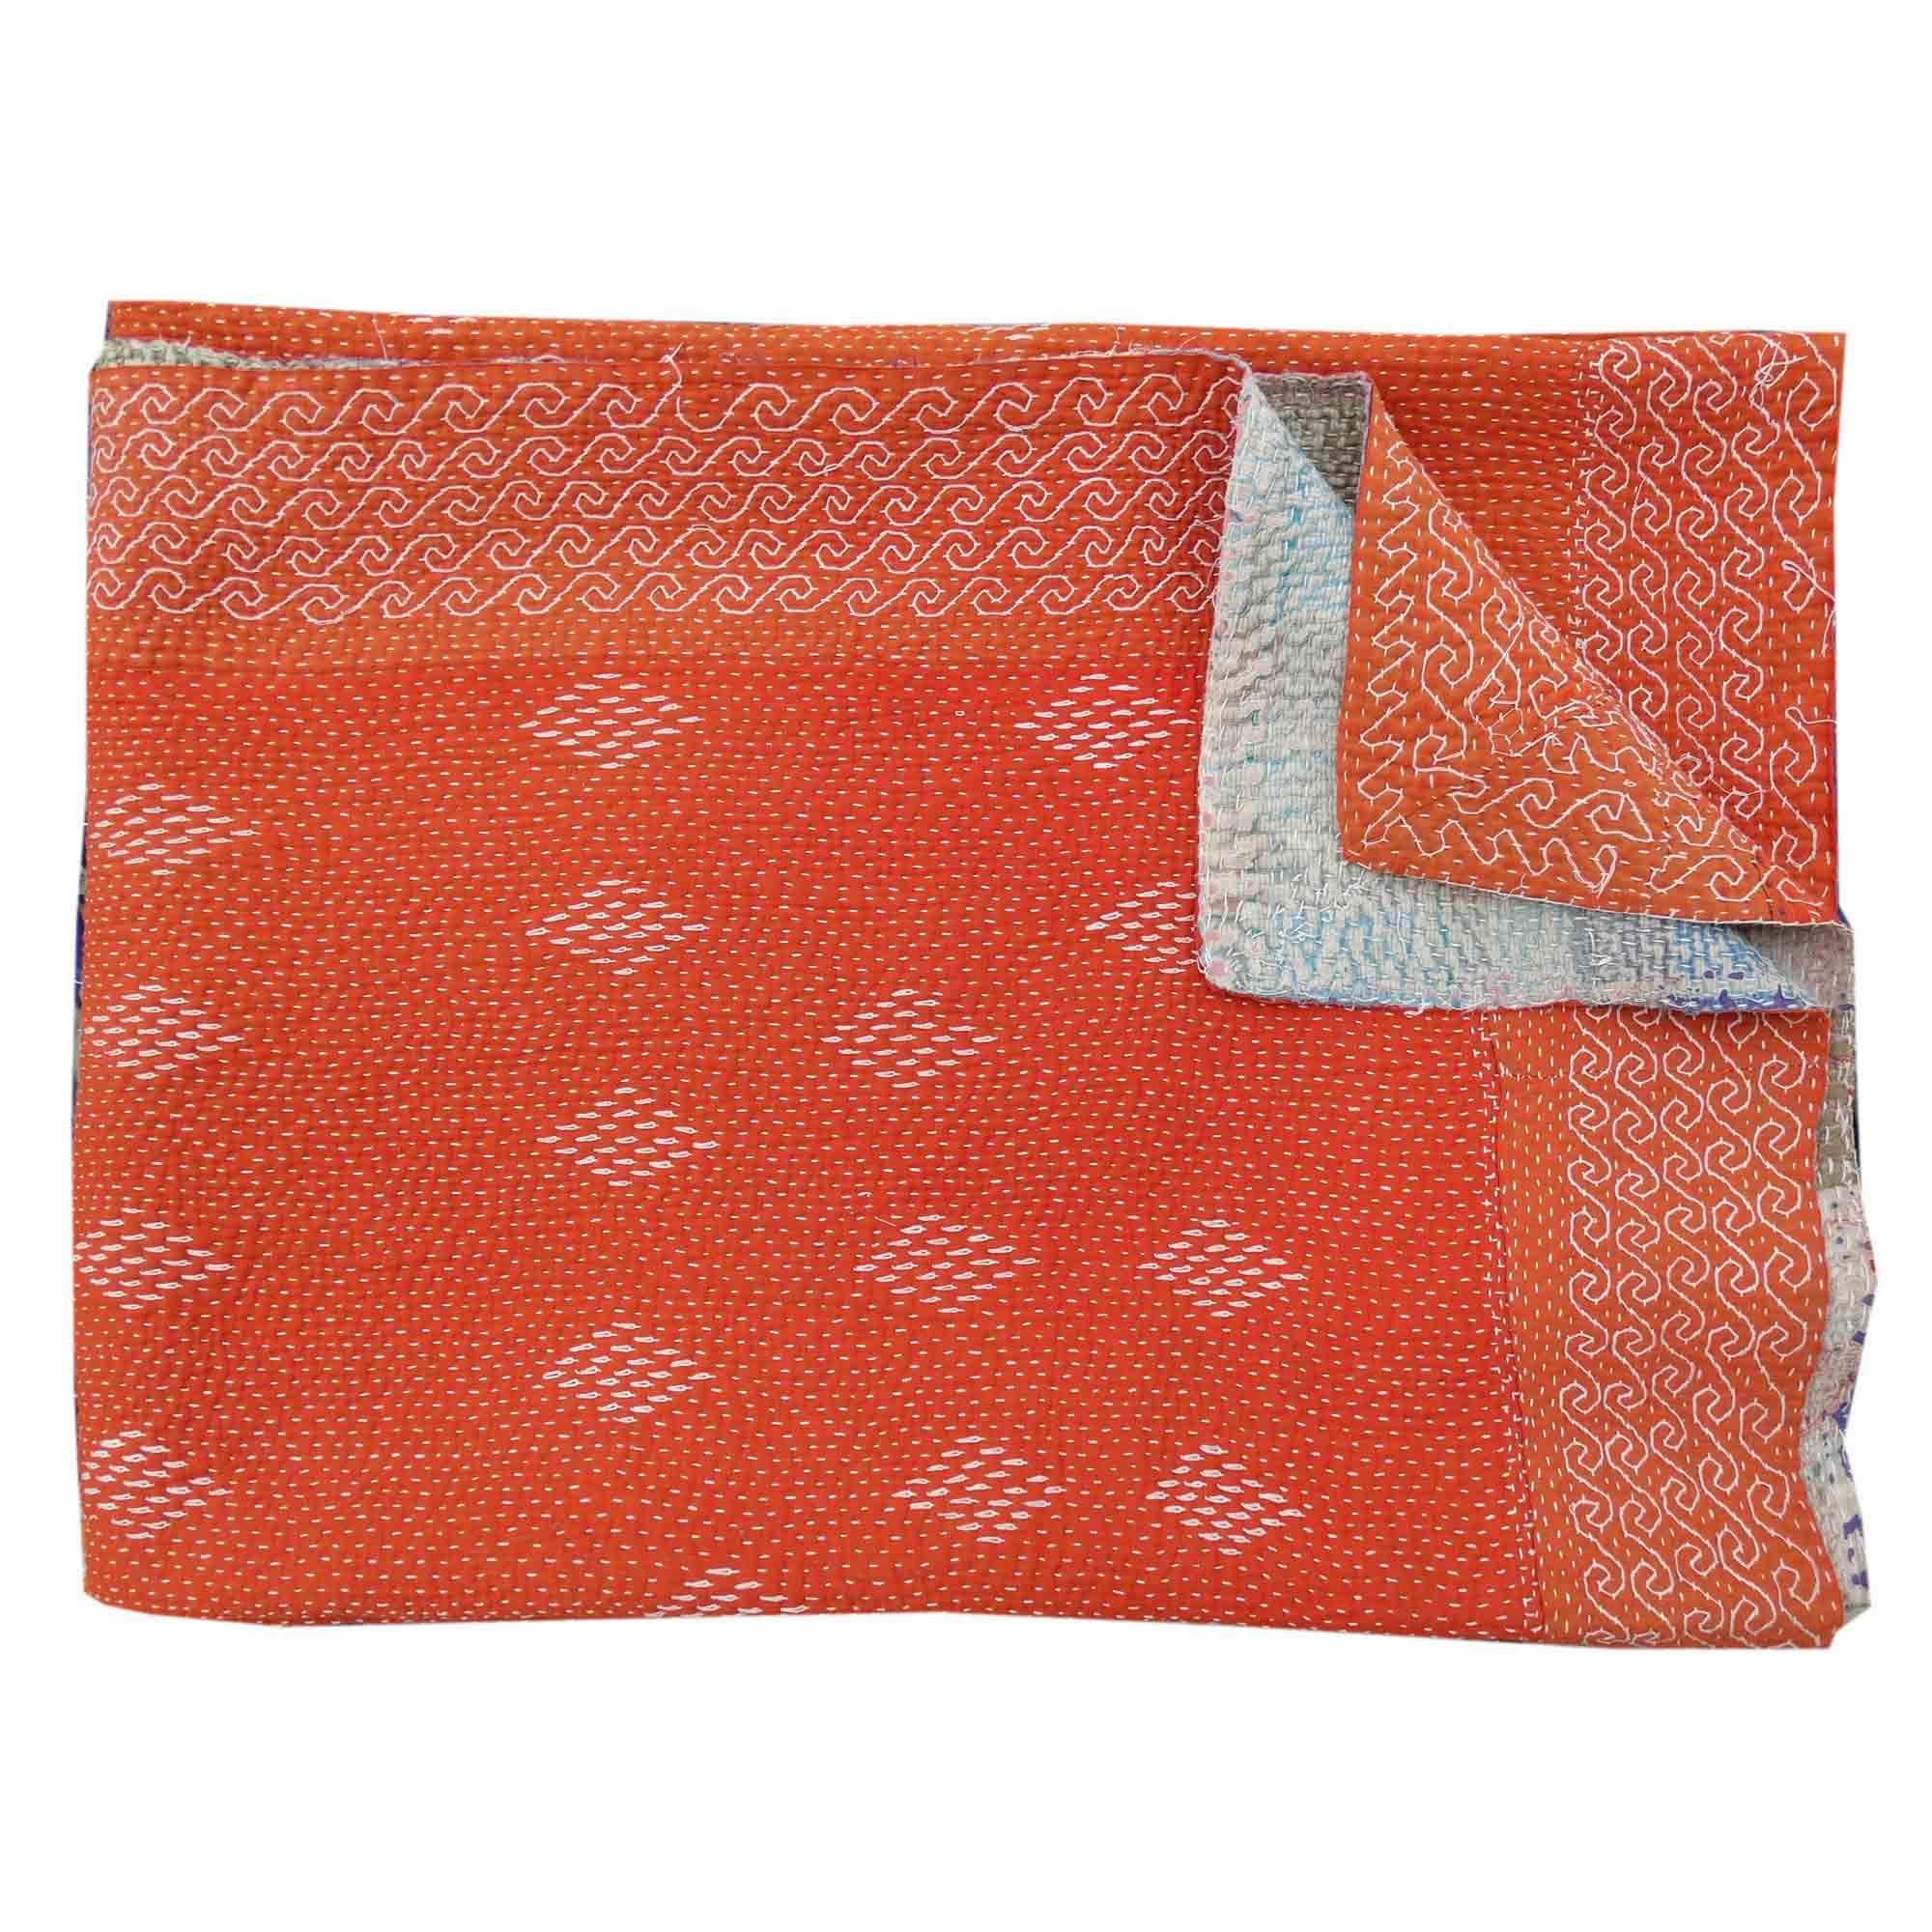 vintage Indien Saris Hand Stitched Kantha Quilt